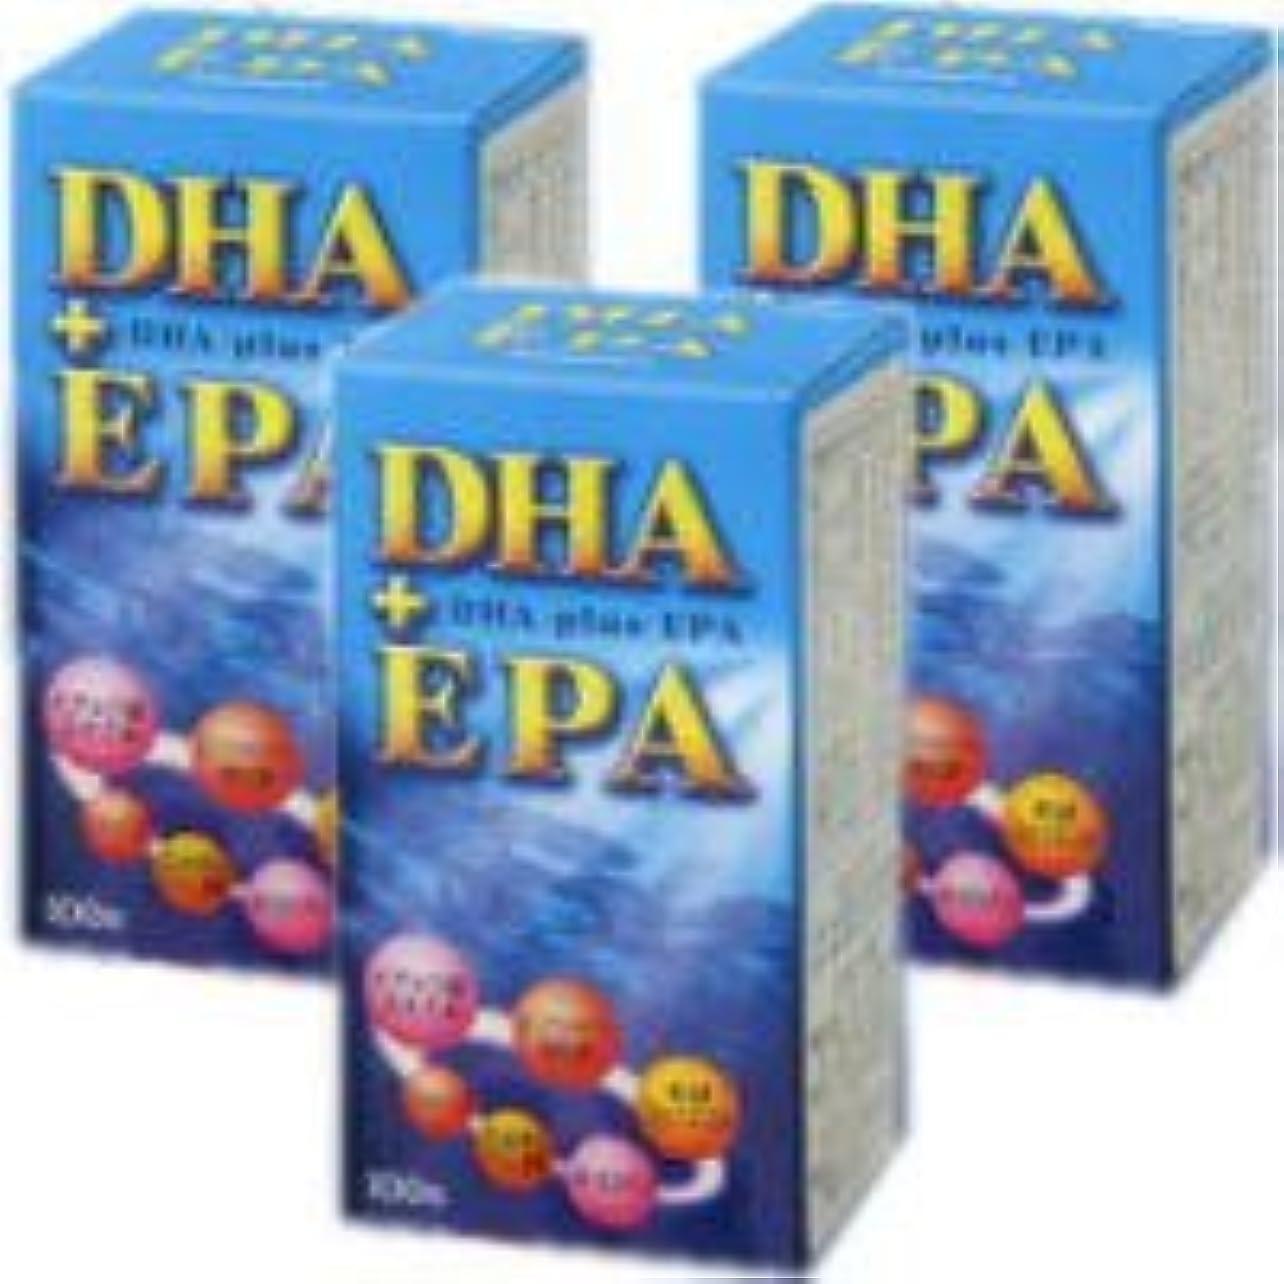 発行する噴出する口径DHA+EPA 3個